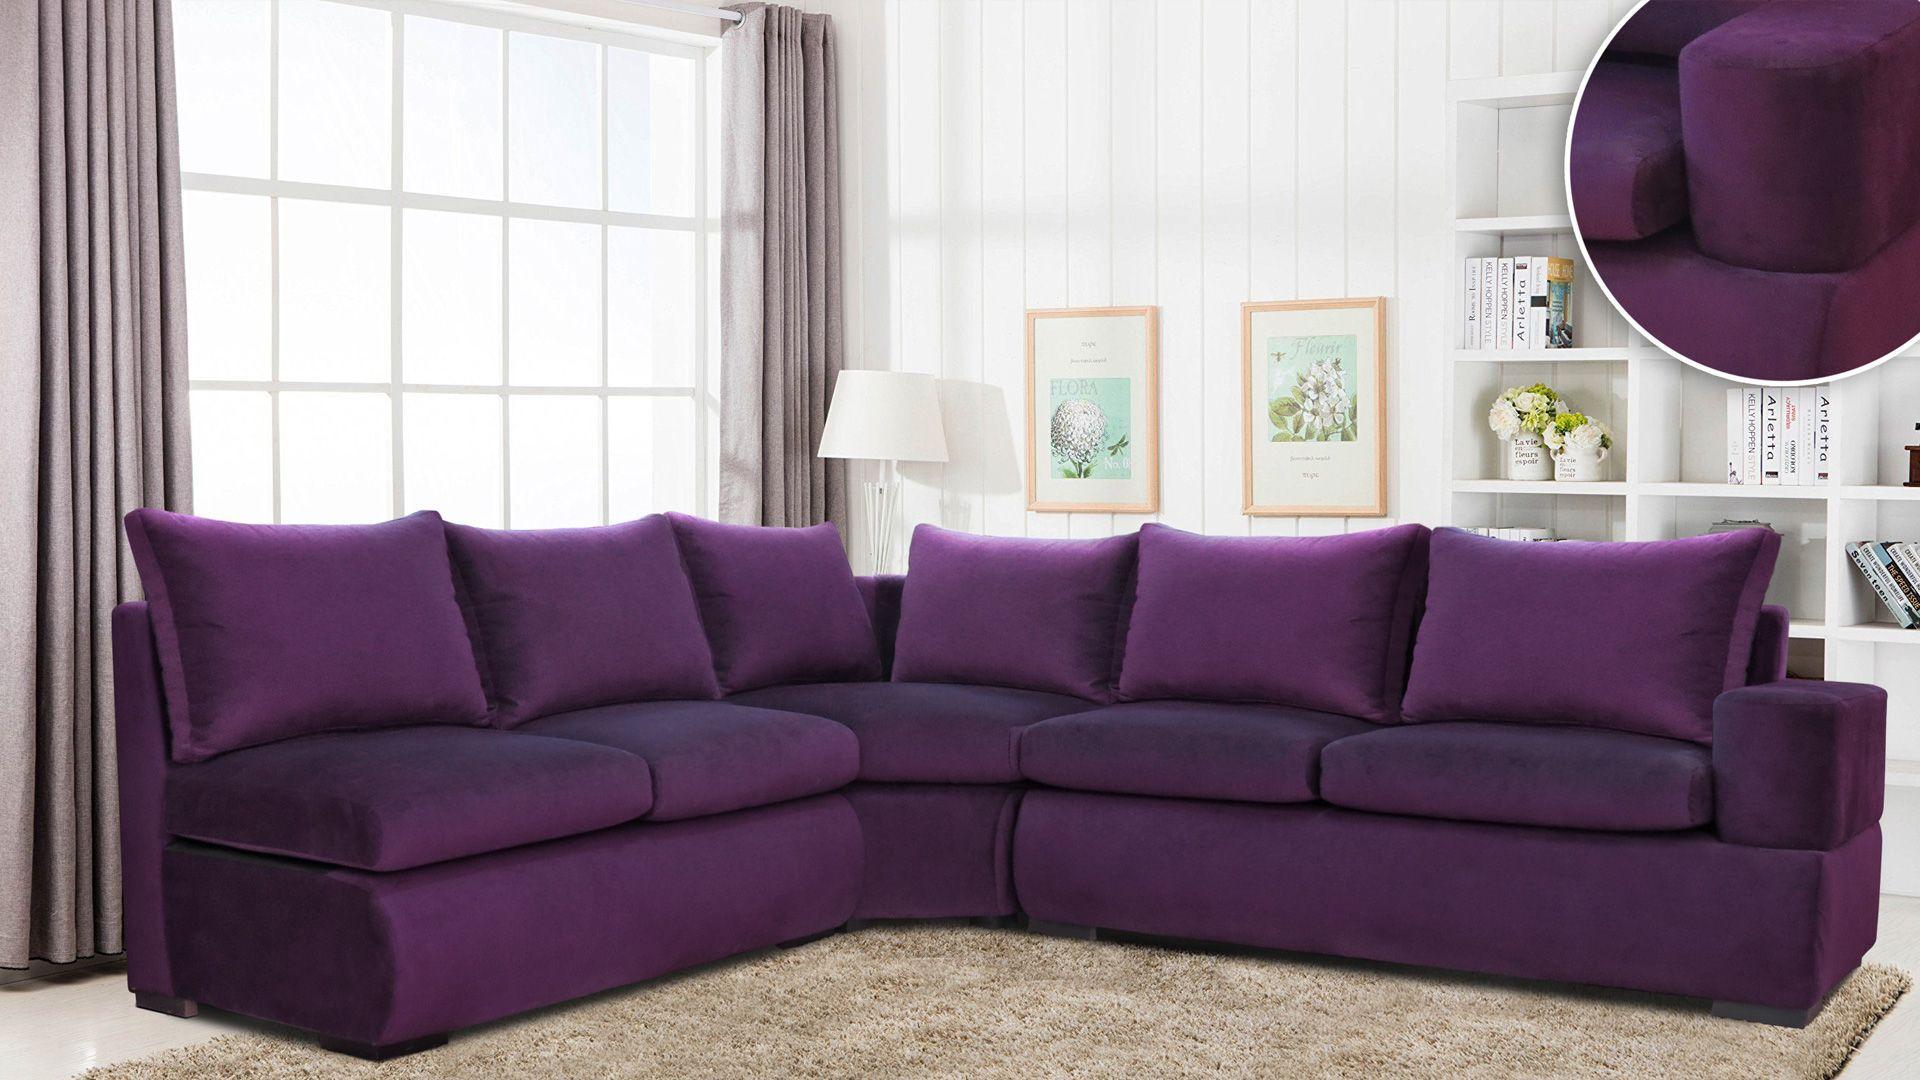 كتالوج صور ركنات مودرن 2018 2019 لوكشين ديزين نت Home Decor Decor Furniture